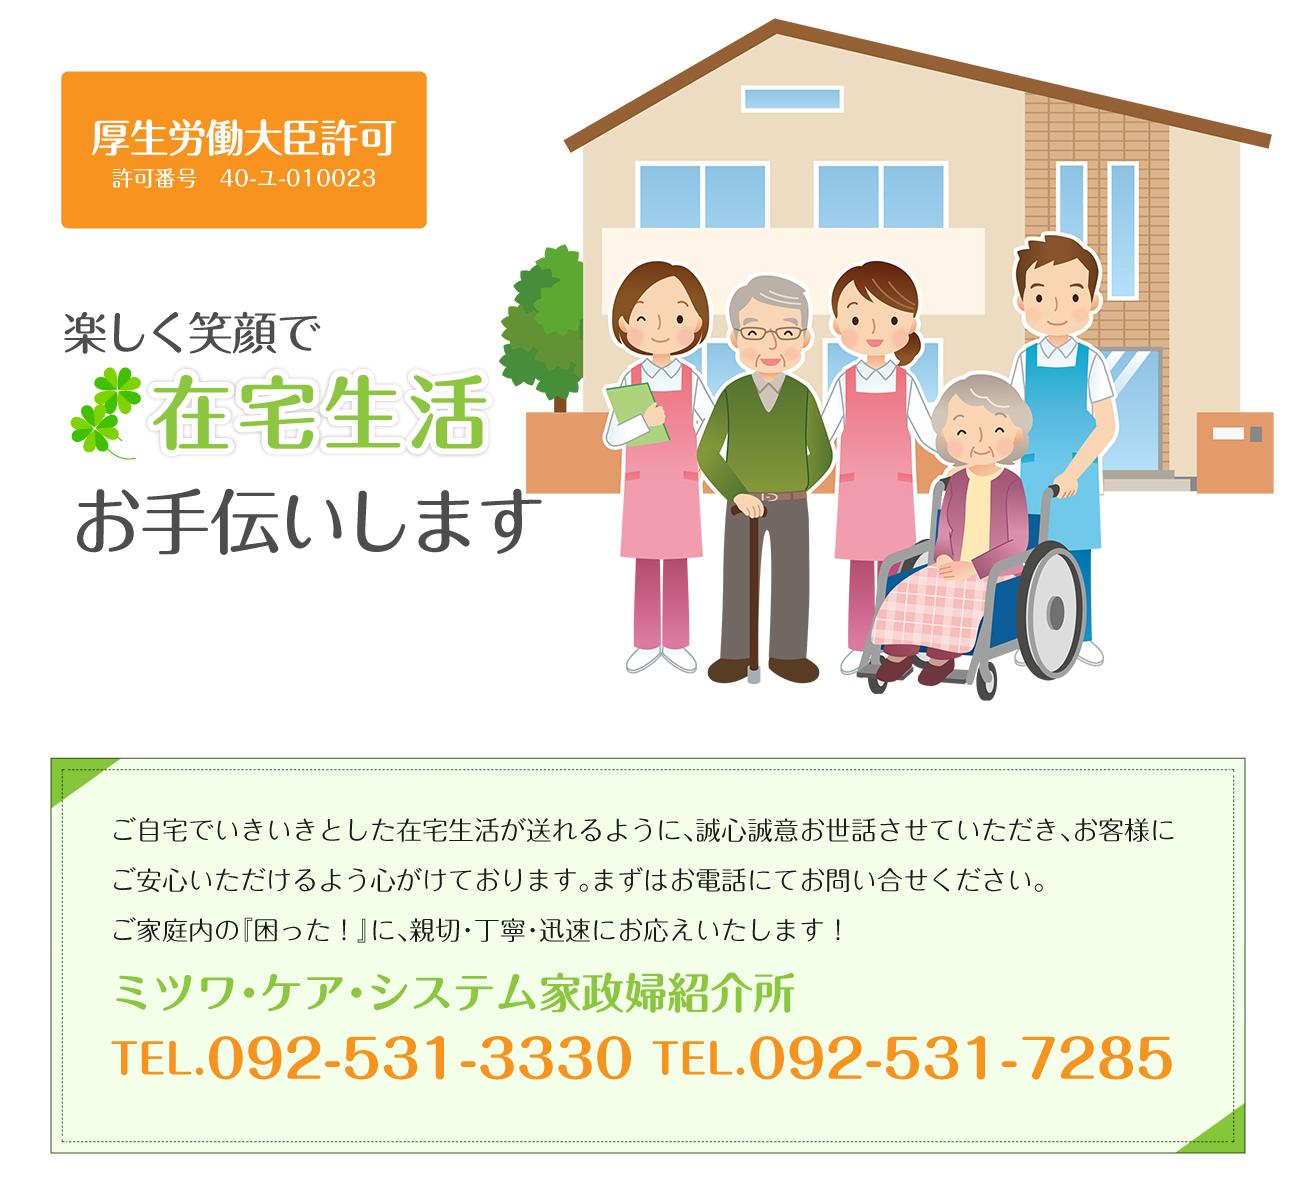 福岡の家政婦紹介所は在宅生活をお手伝いします!